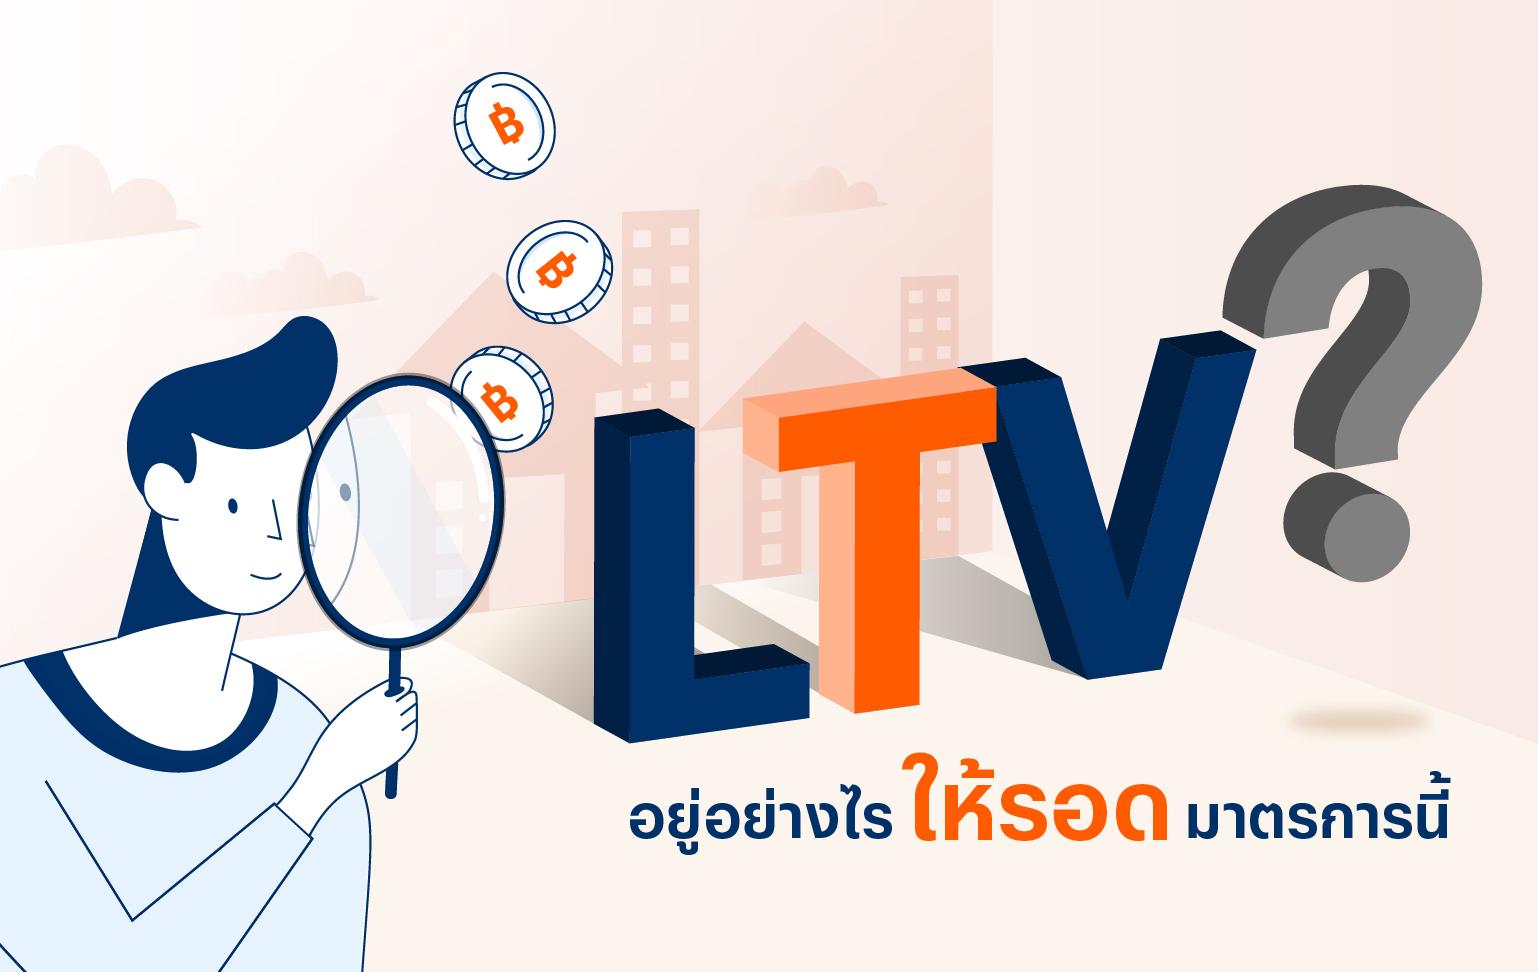 LTV คืออะไร ทําความรู้จักมาตรการ LTV ก่อนเตรียมตัวกู้ซื้อบ้าน